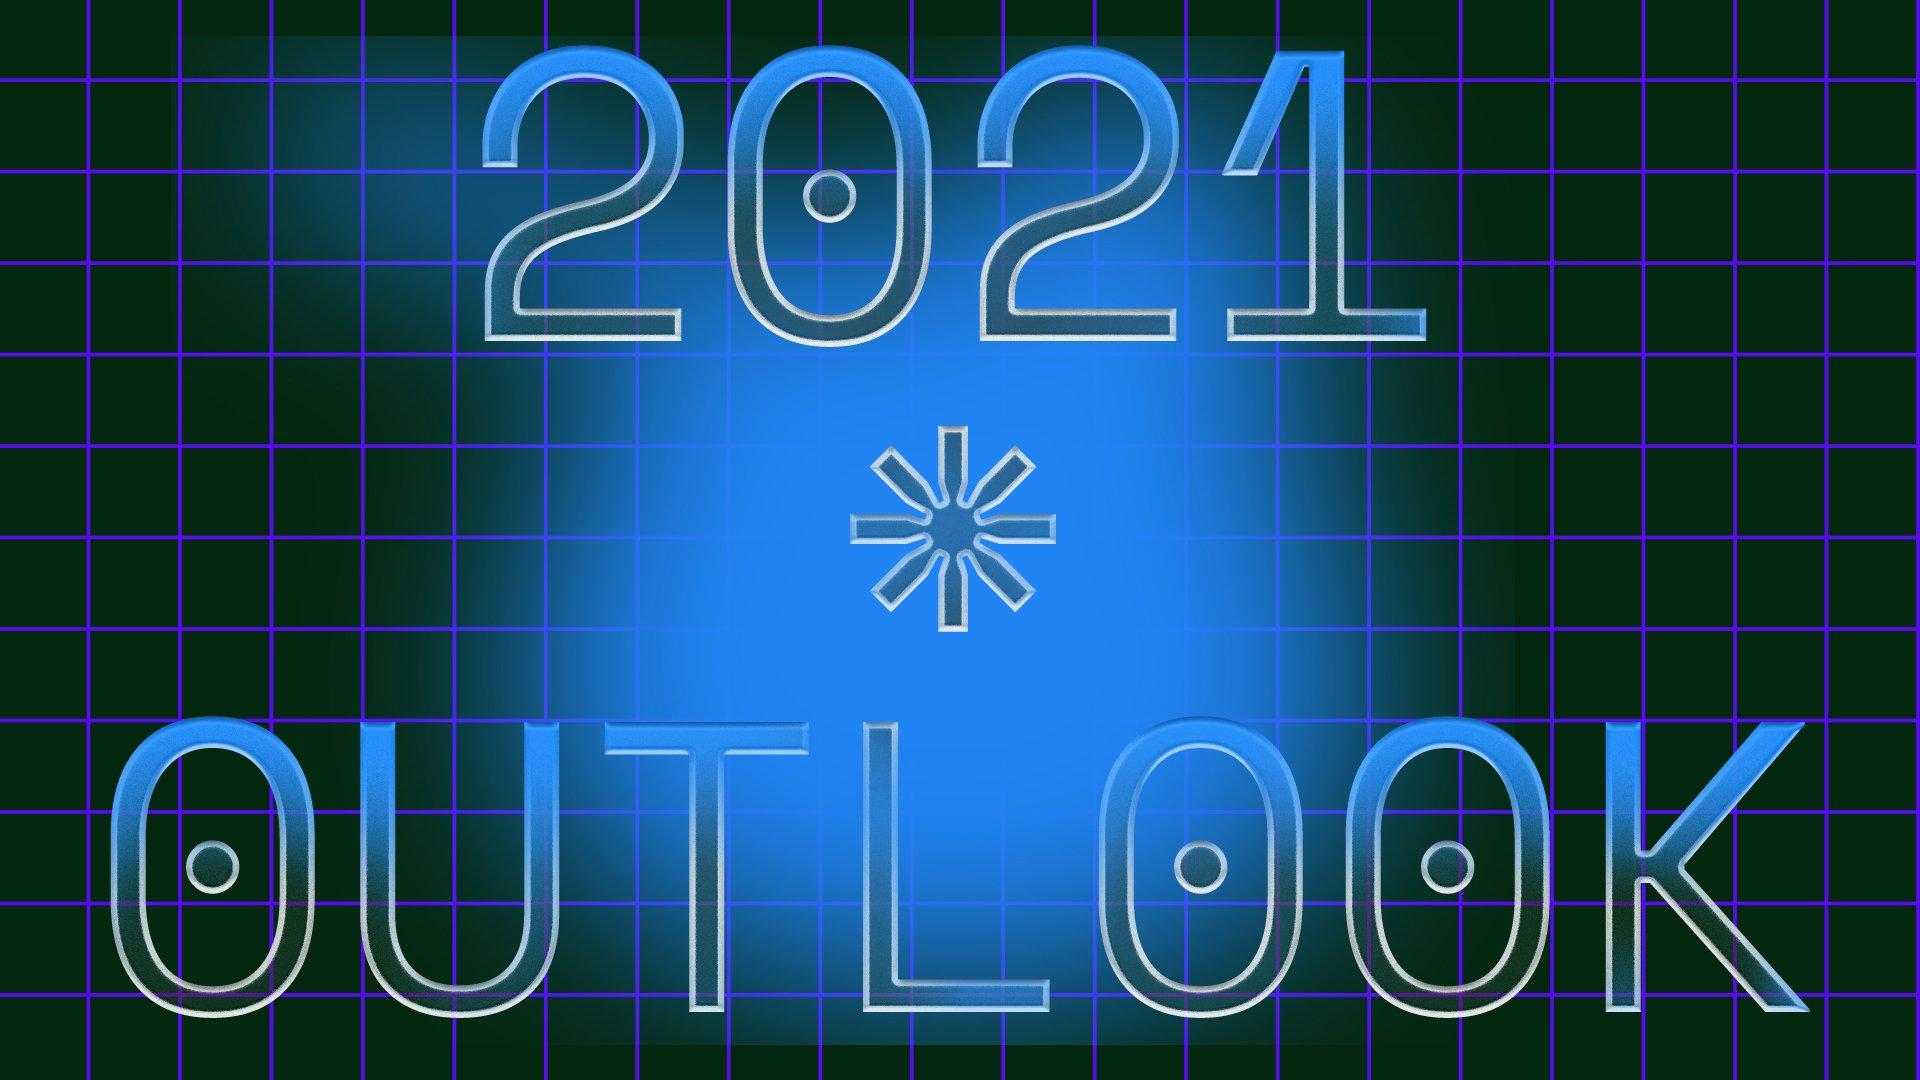 Nic Carter sobre lo que podría traer 2021 para Bitcoin, intercambios de cifrado y más